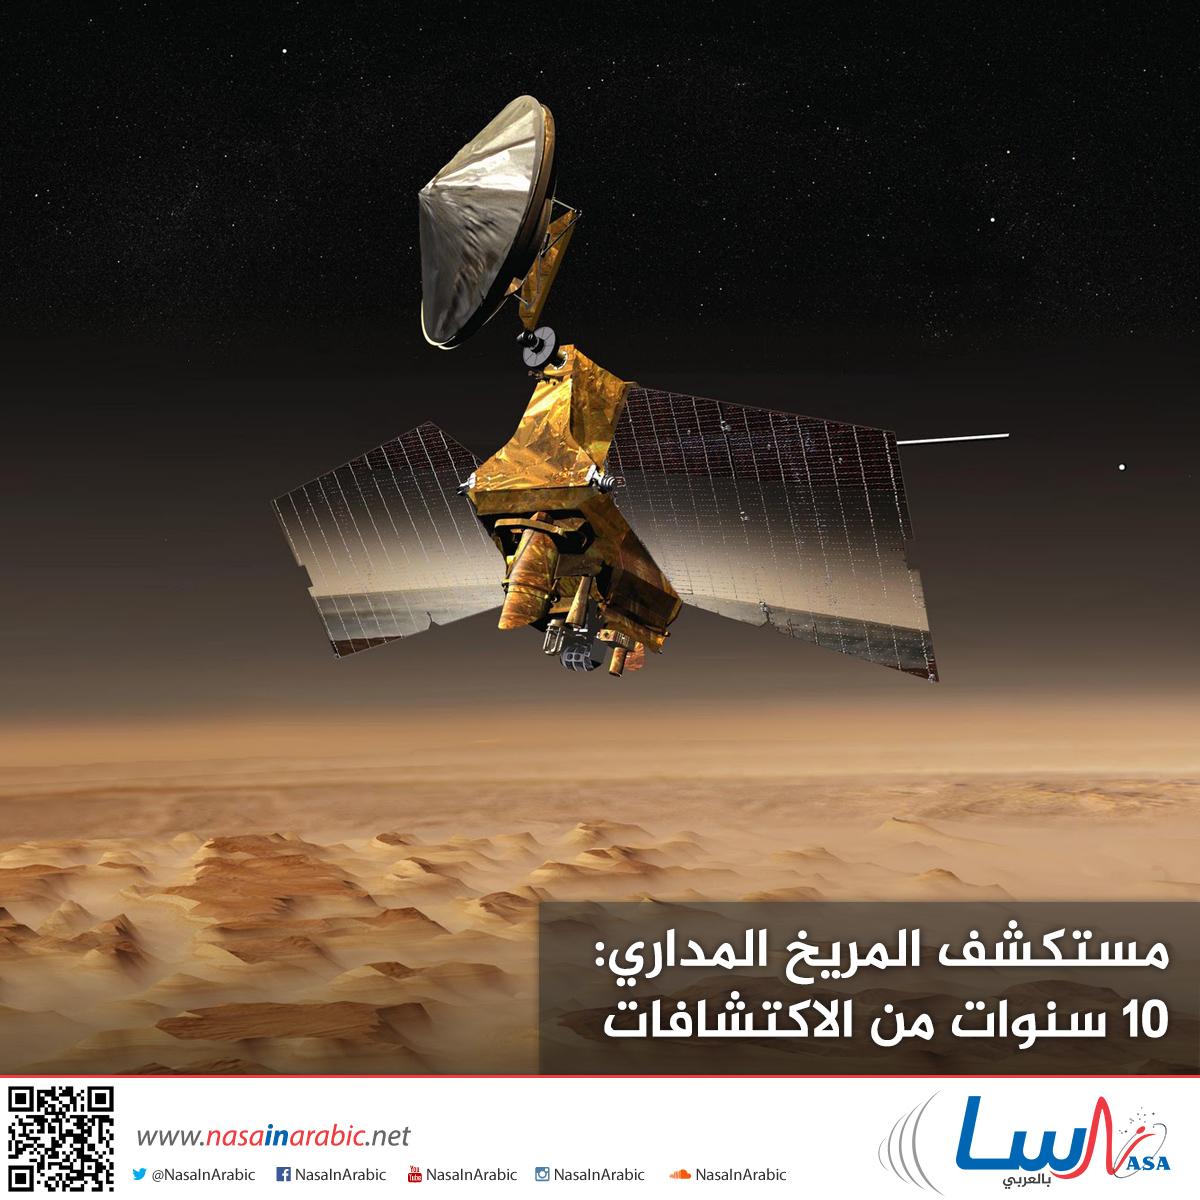 مستكشف المريخ المداري: 10 سنوات من الاكتشافات